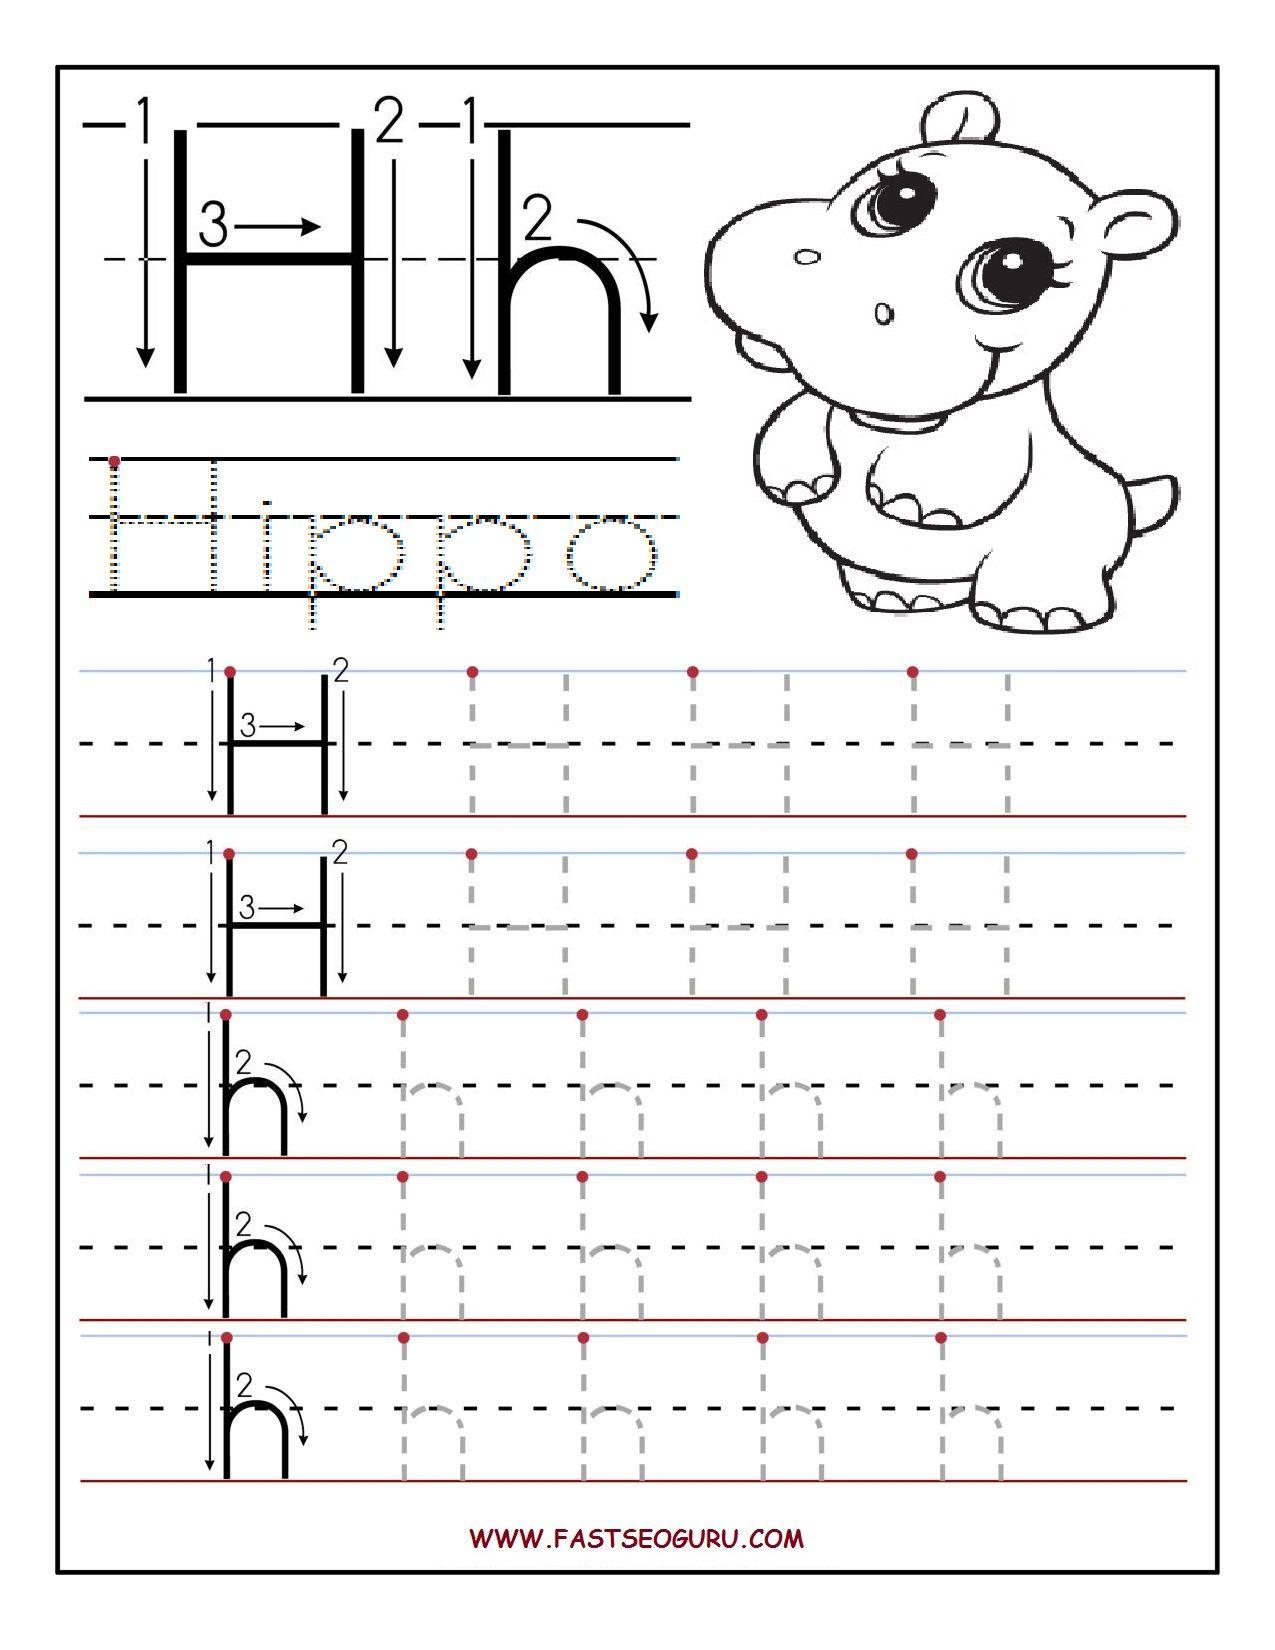 Printable Letter H Tracing Worksheets For Preschool regarding Letter H Worksheets Free